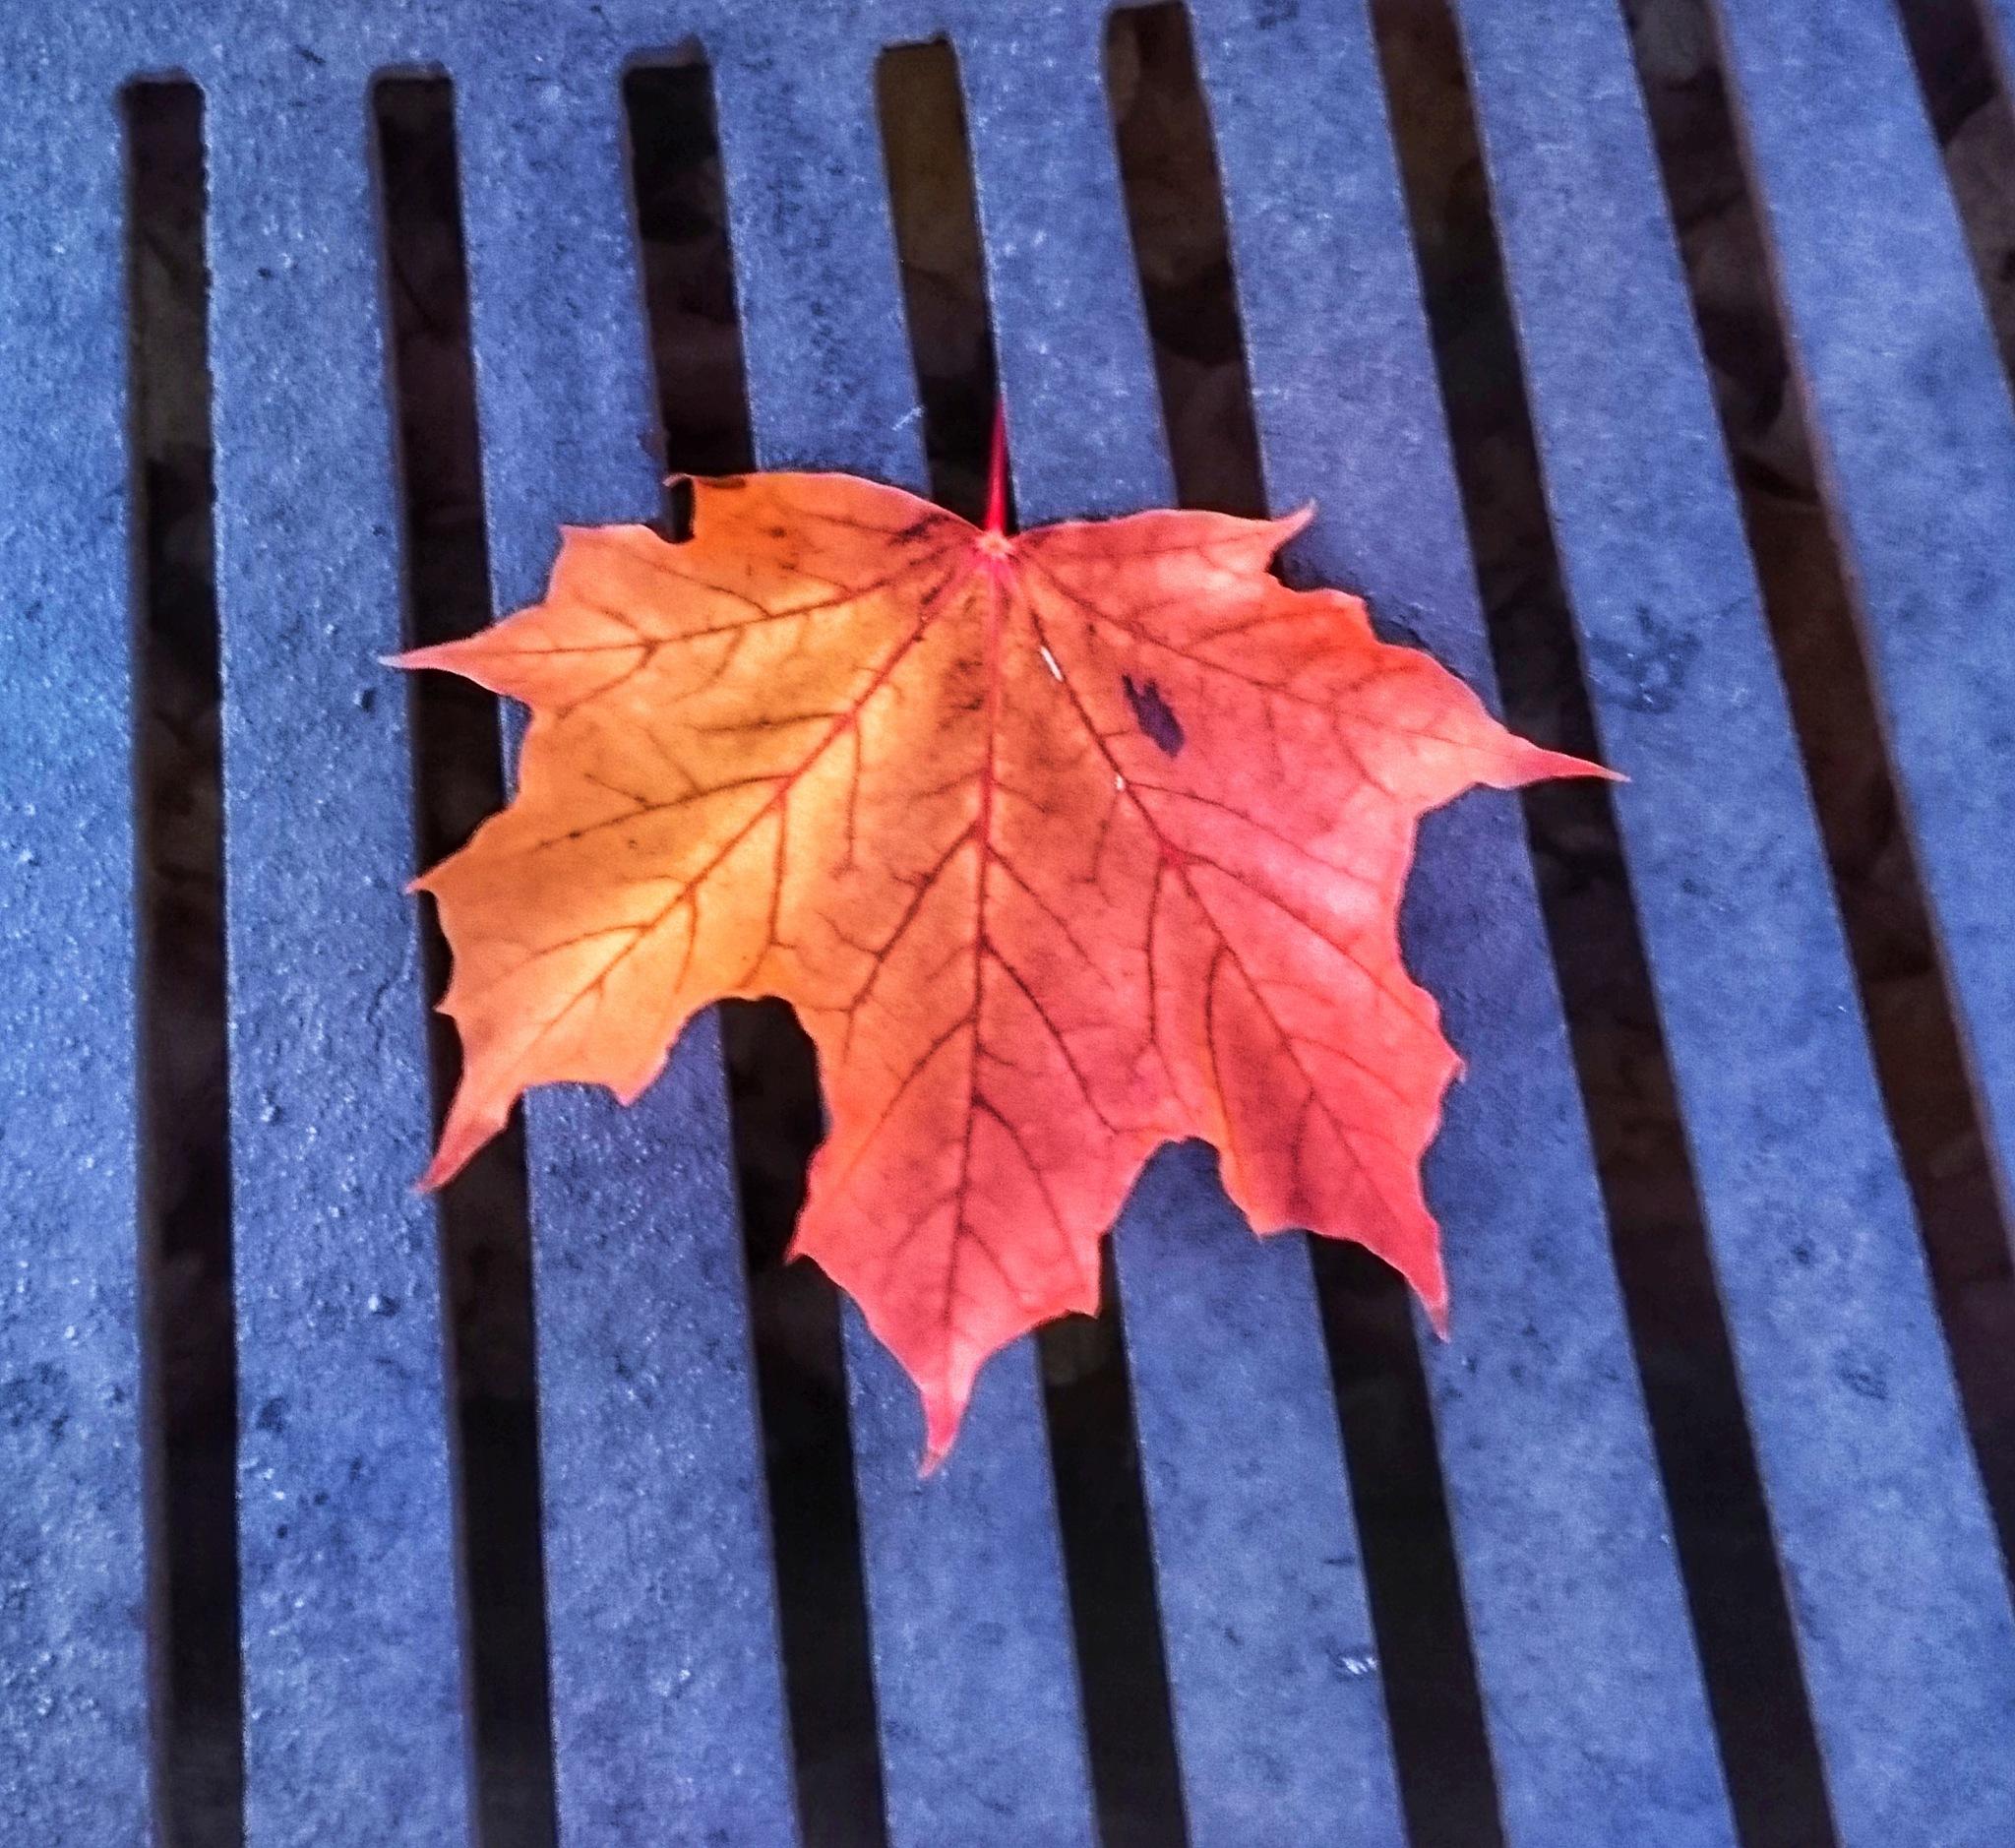 Maple leaf by Krister Honkonen